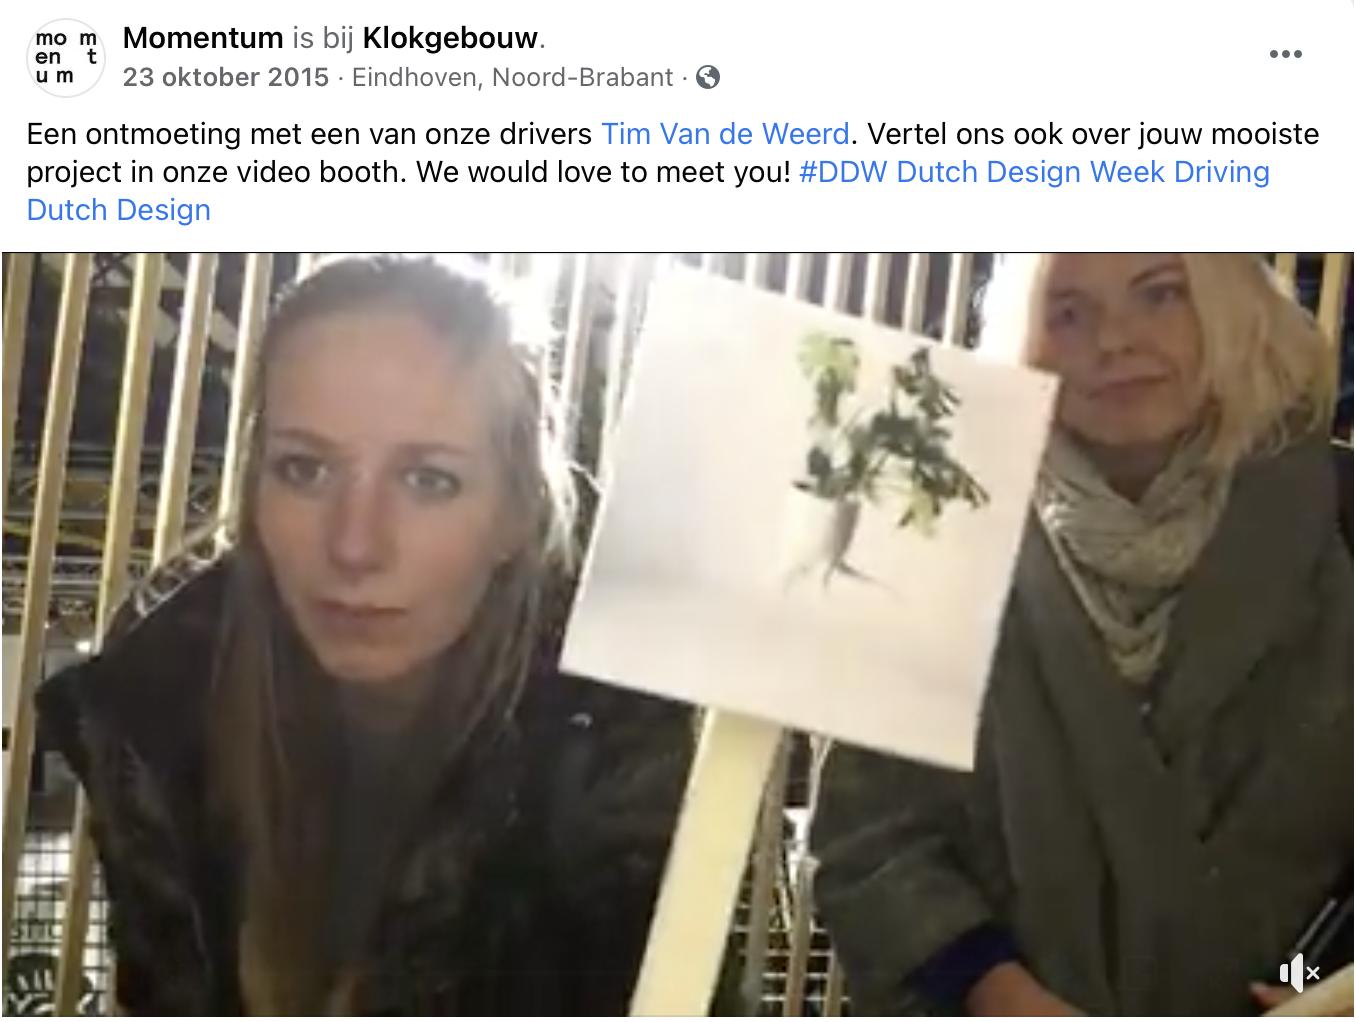 dutchdesignweek-drivingdutchdesign-interactie-bezoekers-digitaal-socialdesign-echterontwerp001